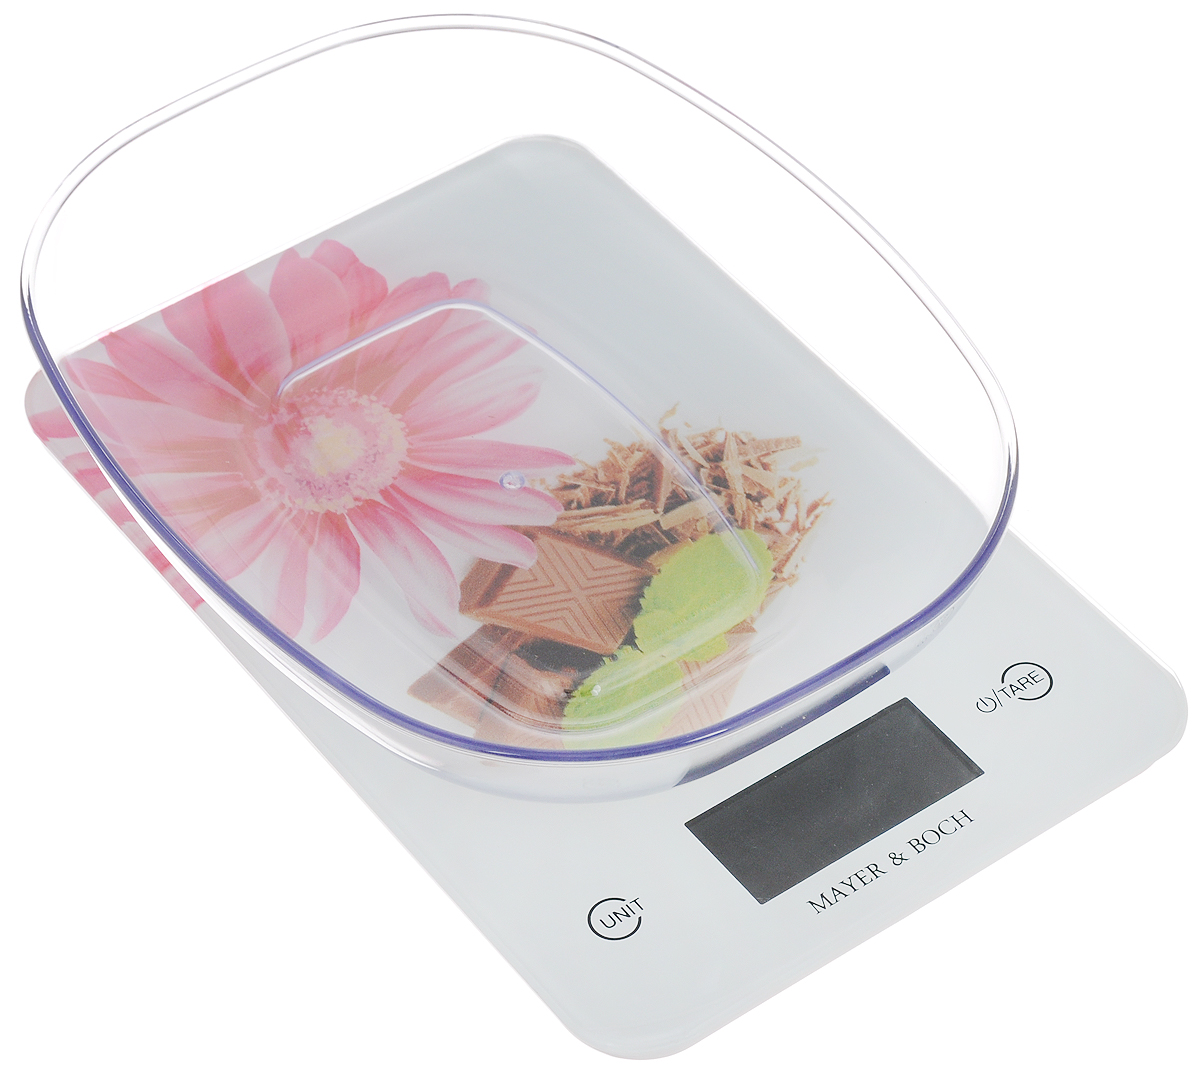 Весы кухонные Mayer & Boch, с чашей, цвет: белый, розовый, коричневый, до 5 кг. 10960 весы mayer